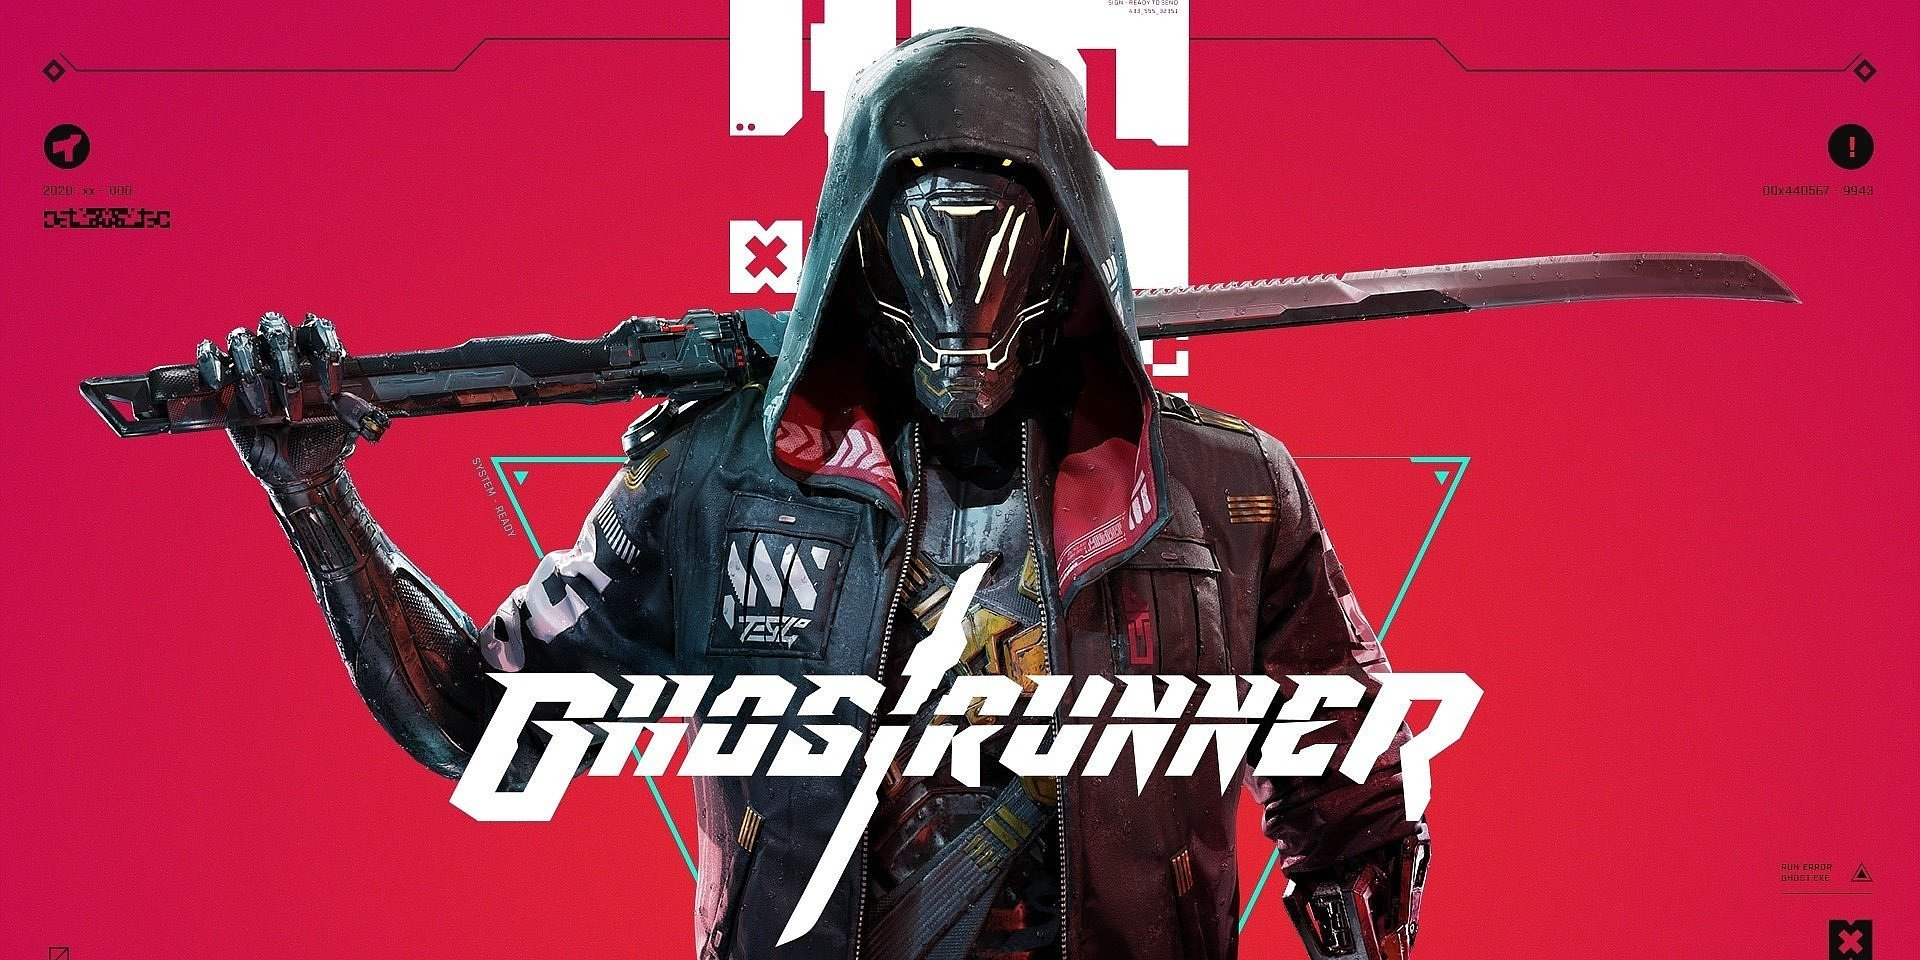 All in! Games sprzedaje IP Ghostrunnera za kilkadziesiąt milionów złotych